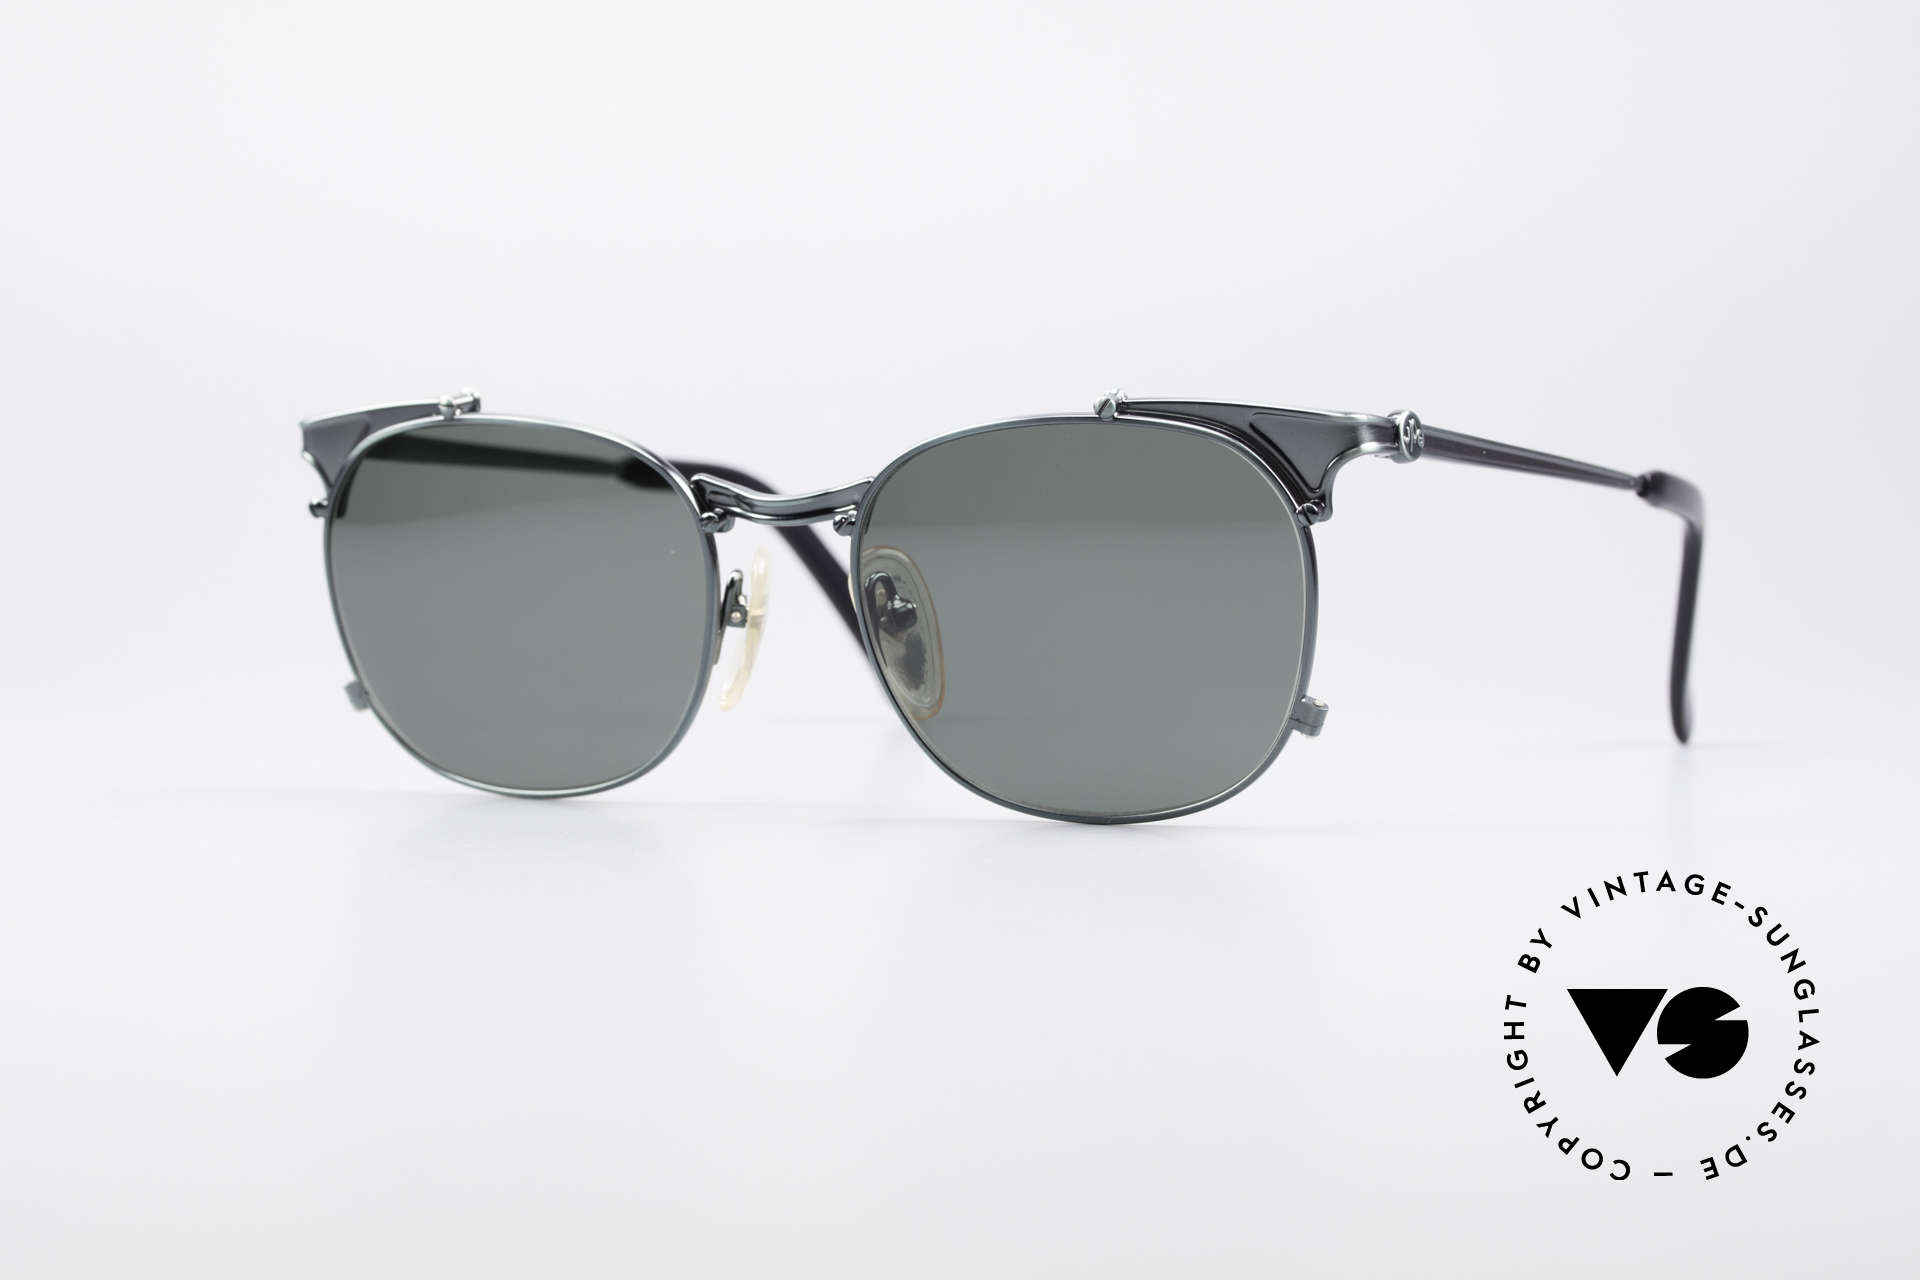 Jean Paul Gaultier 56-2175 Rare Designer Sonnenbrille, rare vintage JEAN PAUL GAULTIER Sonnenbrille, Passend für Herren und Damen